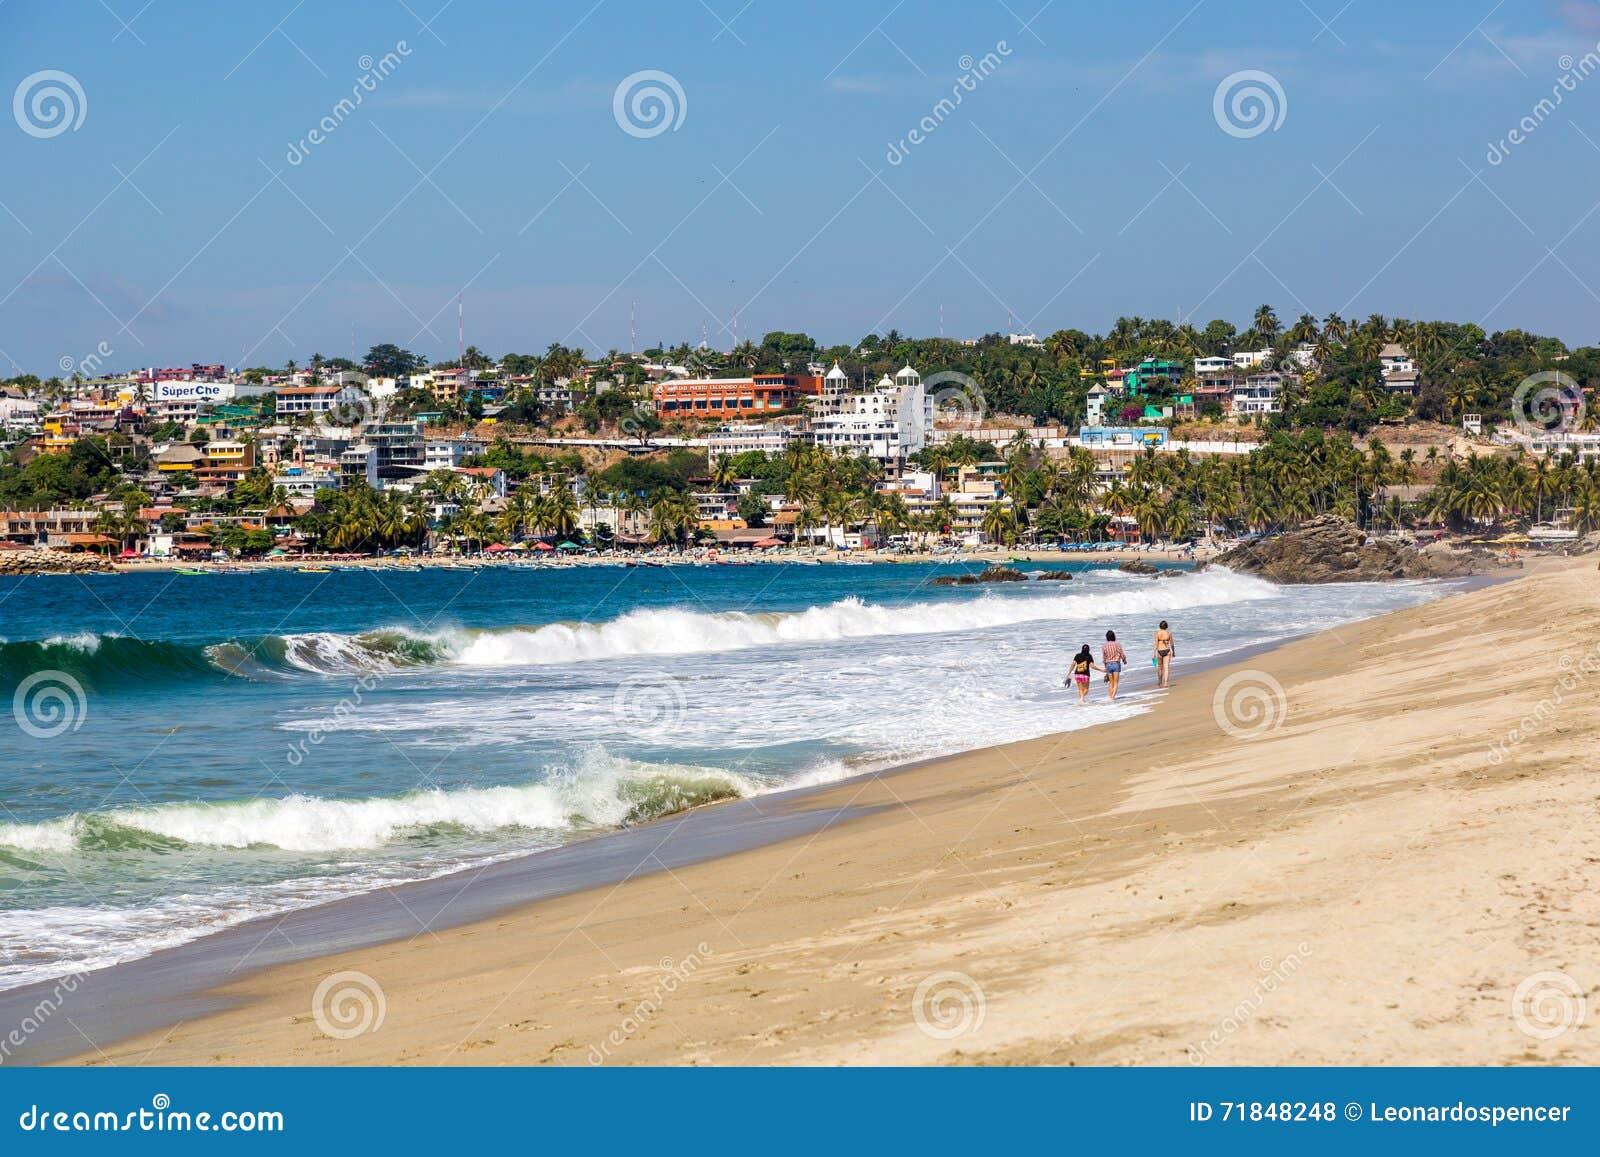 Leute, die auf Strand Puerto Escondido gehen,